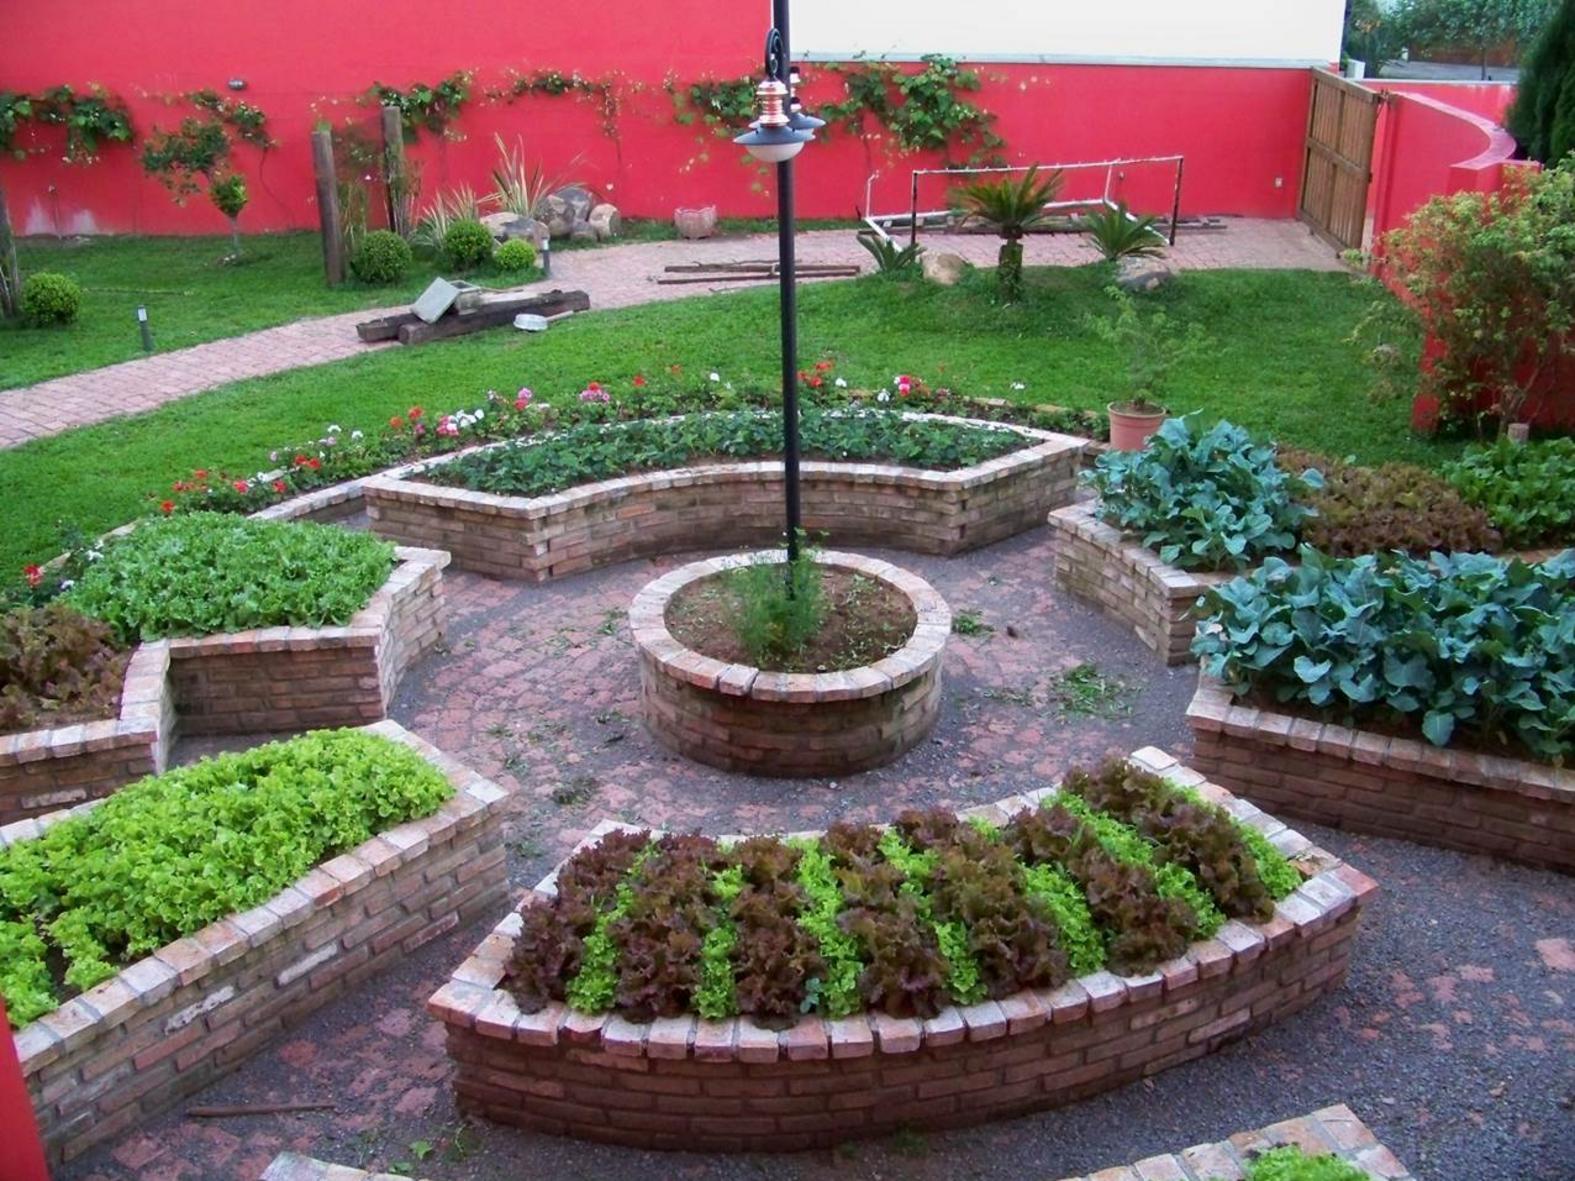 dicas para você criar sua própria horta  Cultura e Lazer  Diário